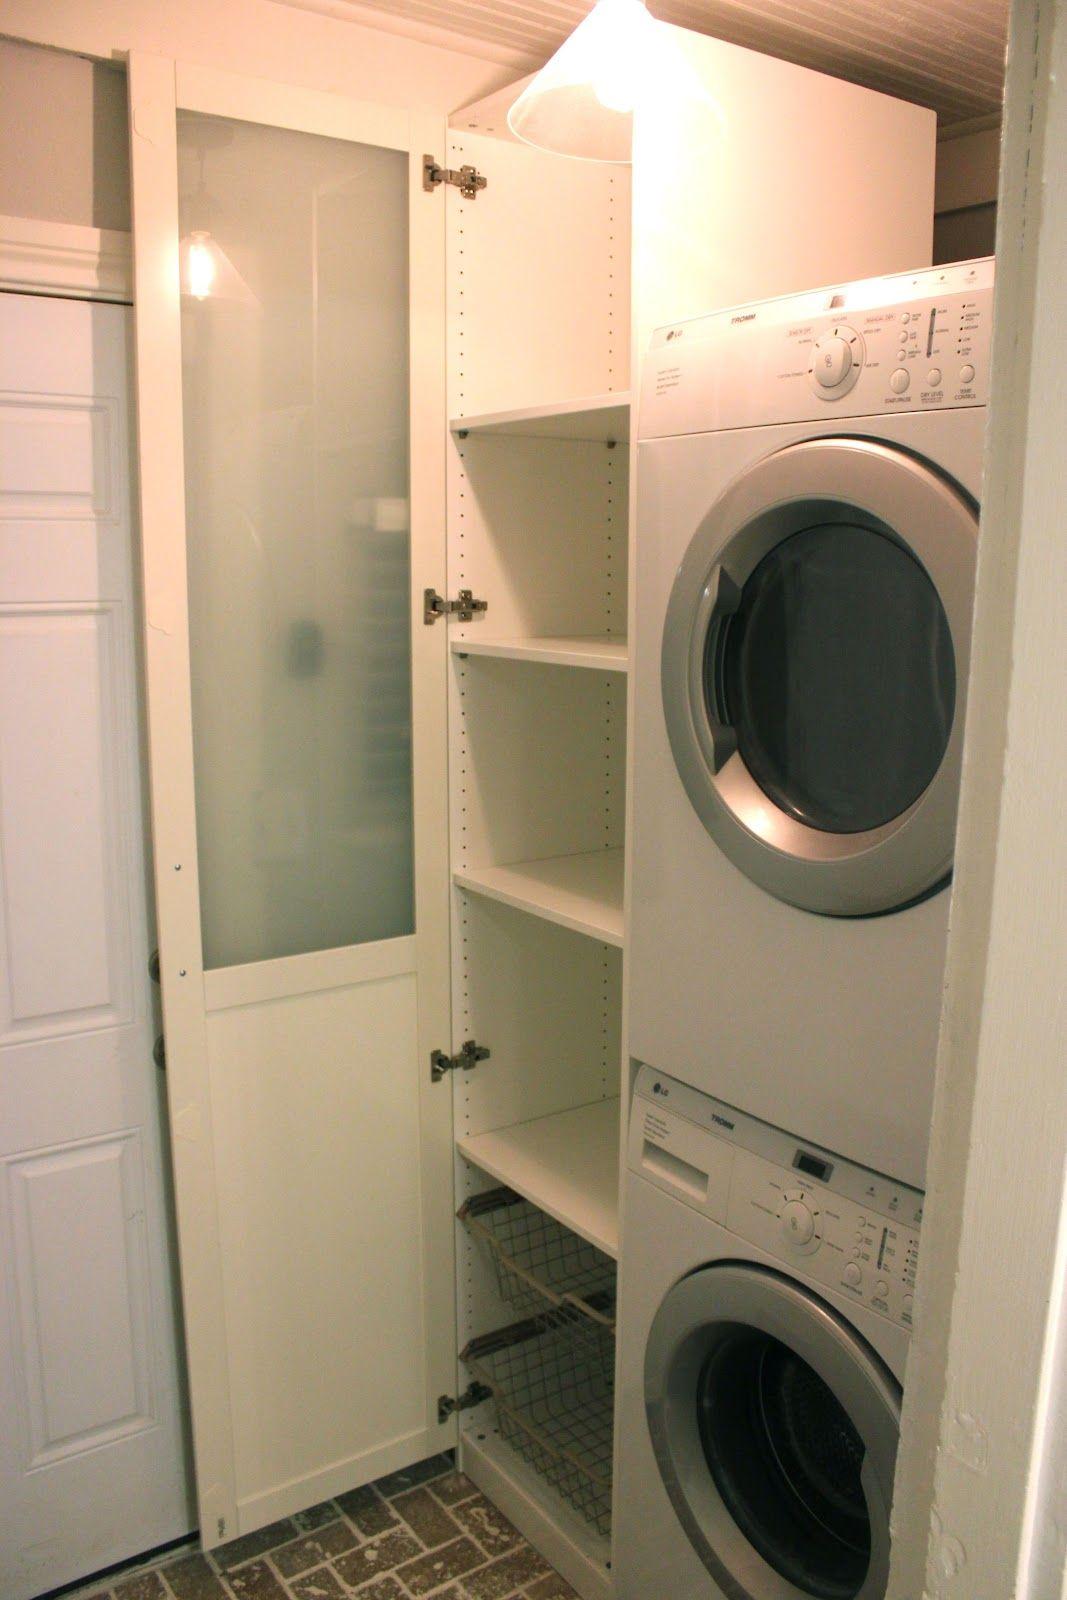 Cabinet For Laundry Ikea Pax Wardrobe Great Idea Great Website Ikea Laundry Room Laundry Room Storage Ikea Laundry